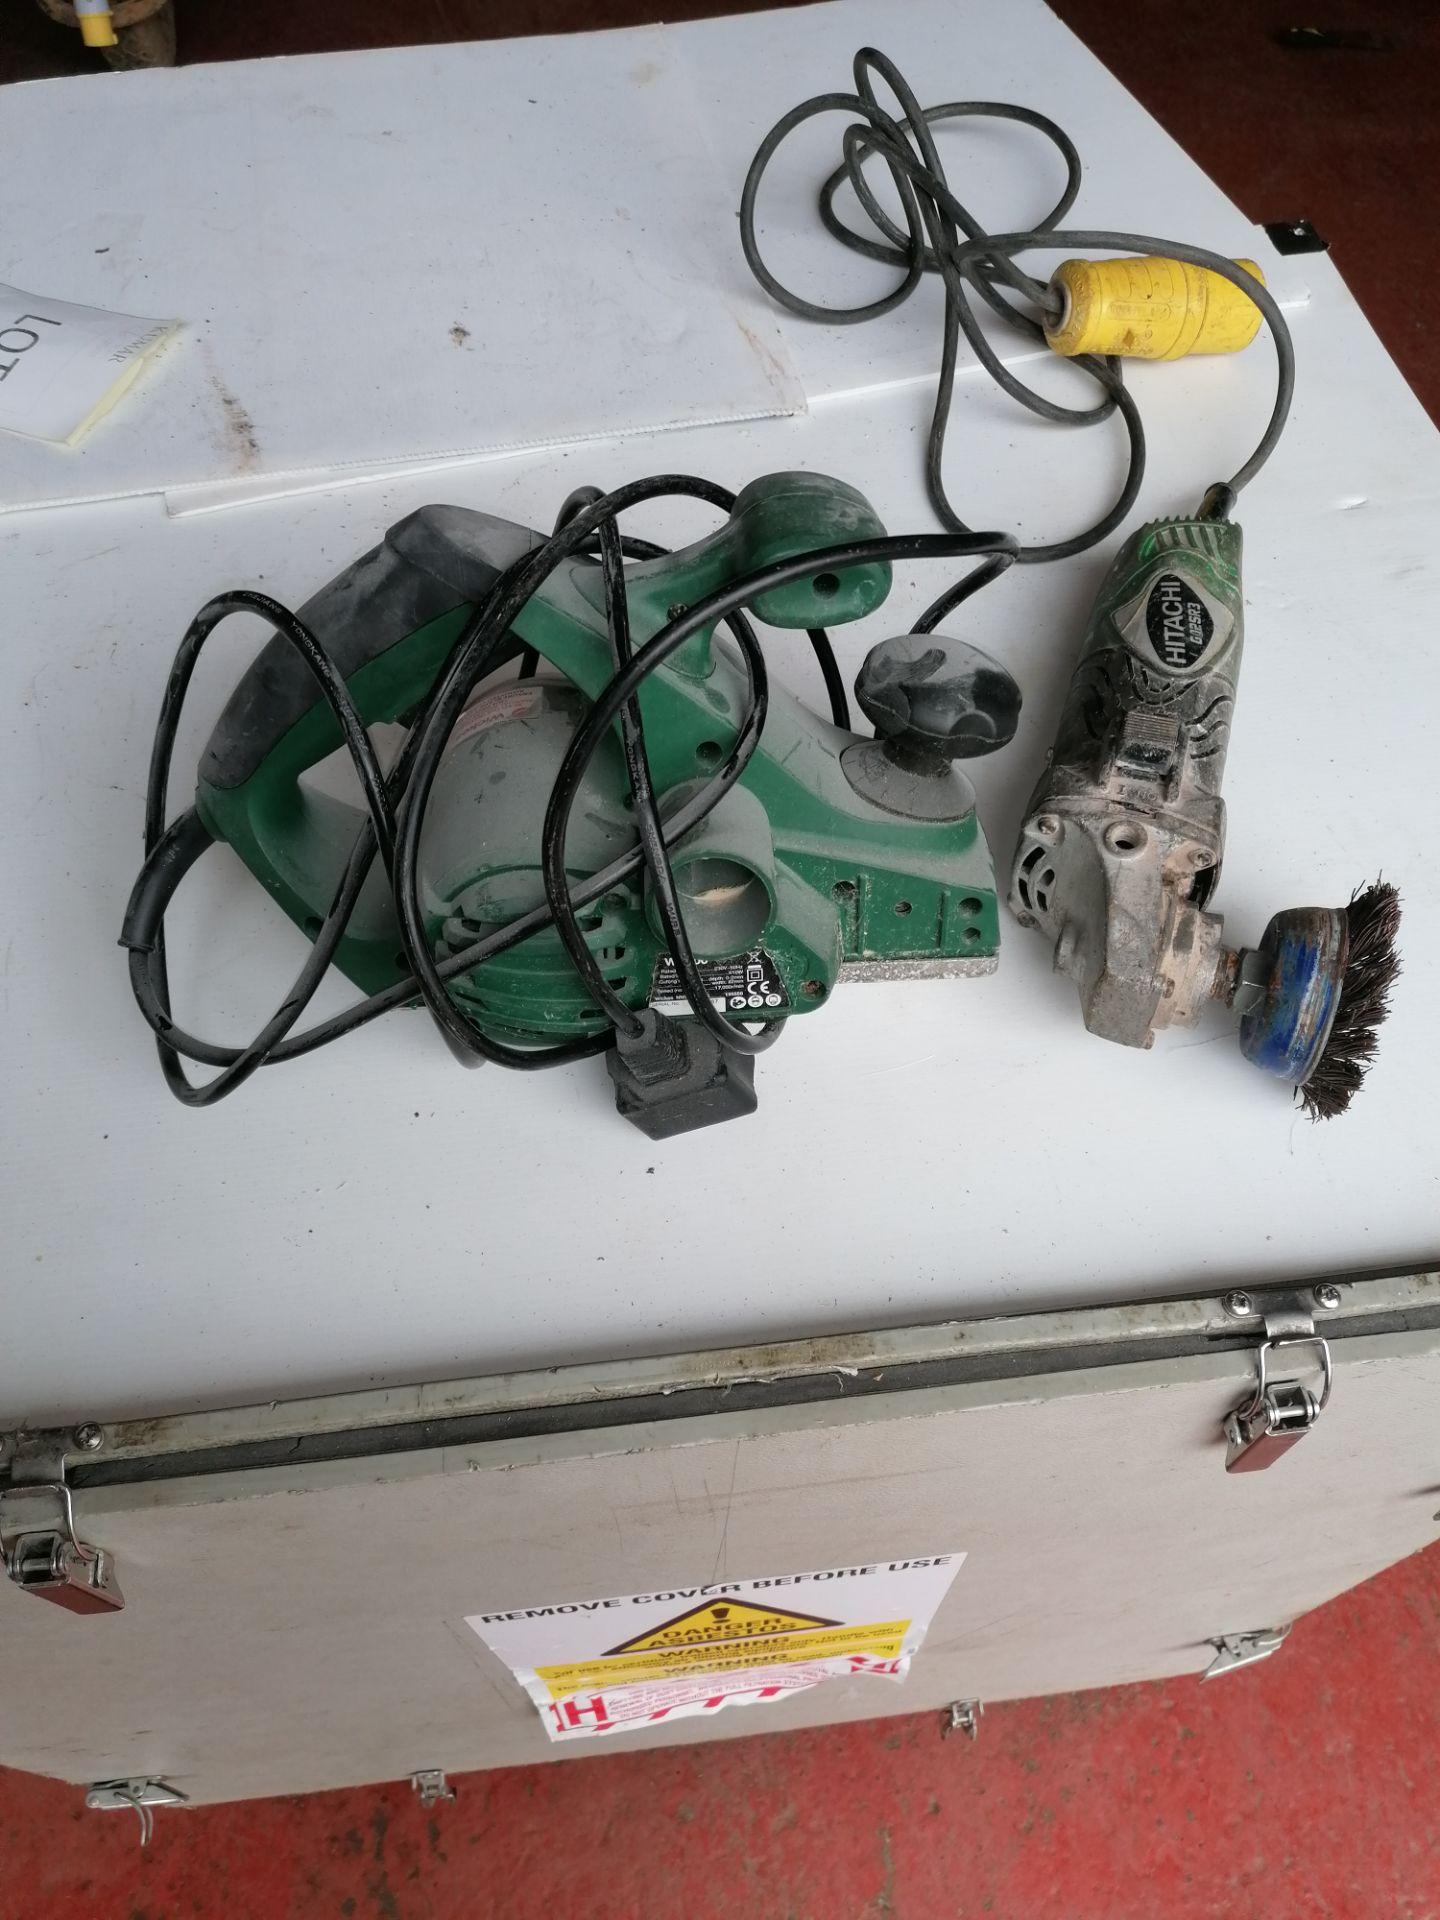 Hitachi Grinder 12SR3 Electric Grinder - Image 6 of 6